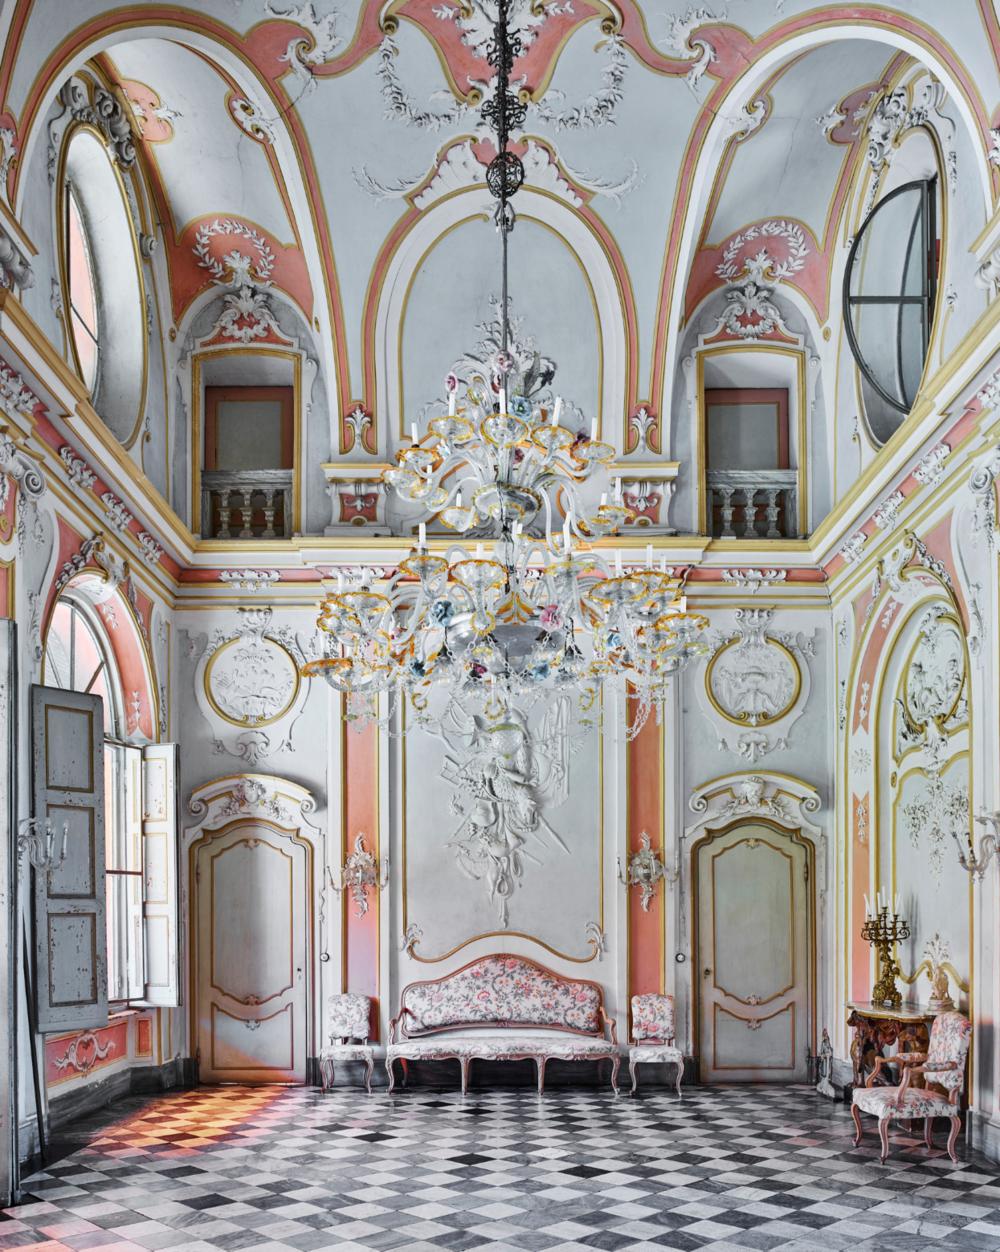 DAVID BURDENY, Pastel Room, Tenuta Berroni   Archival Pigment Print, 40 in. x 32 in.